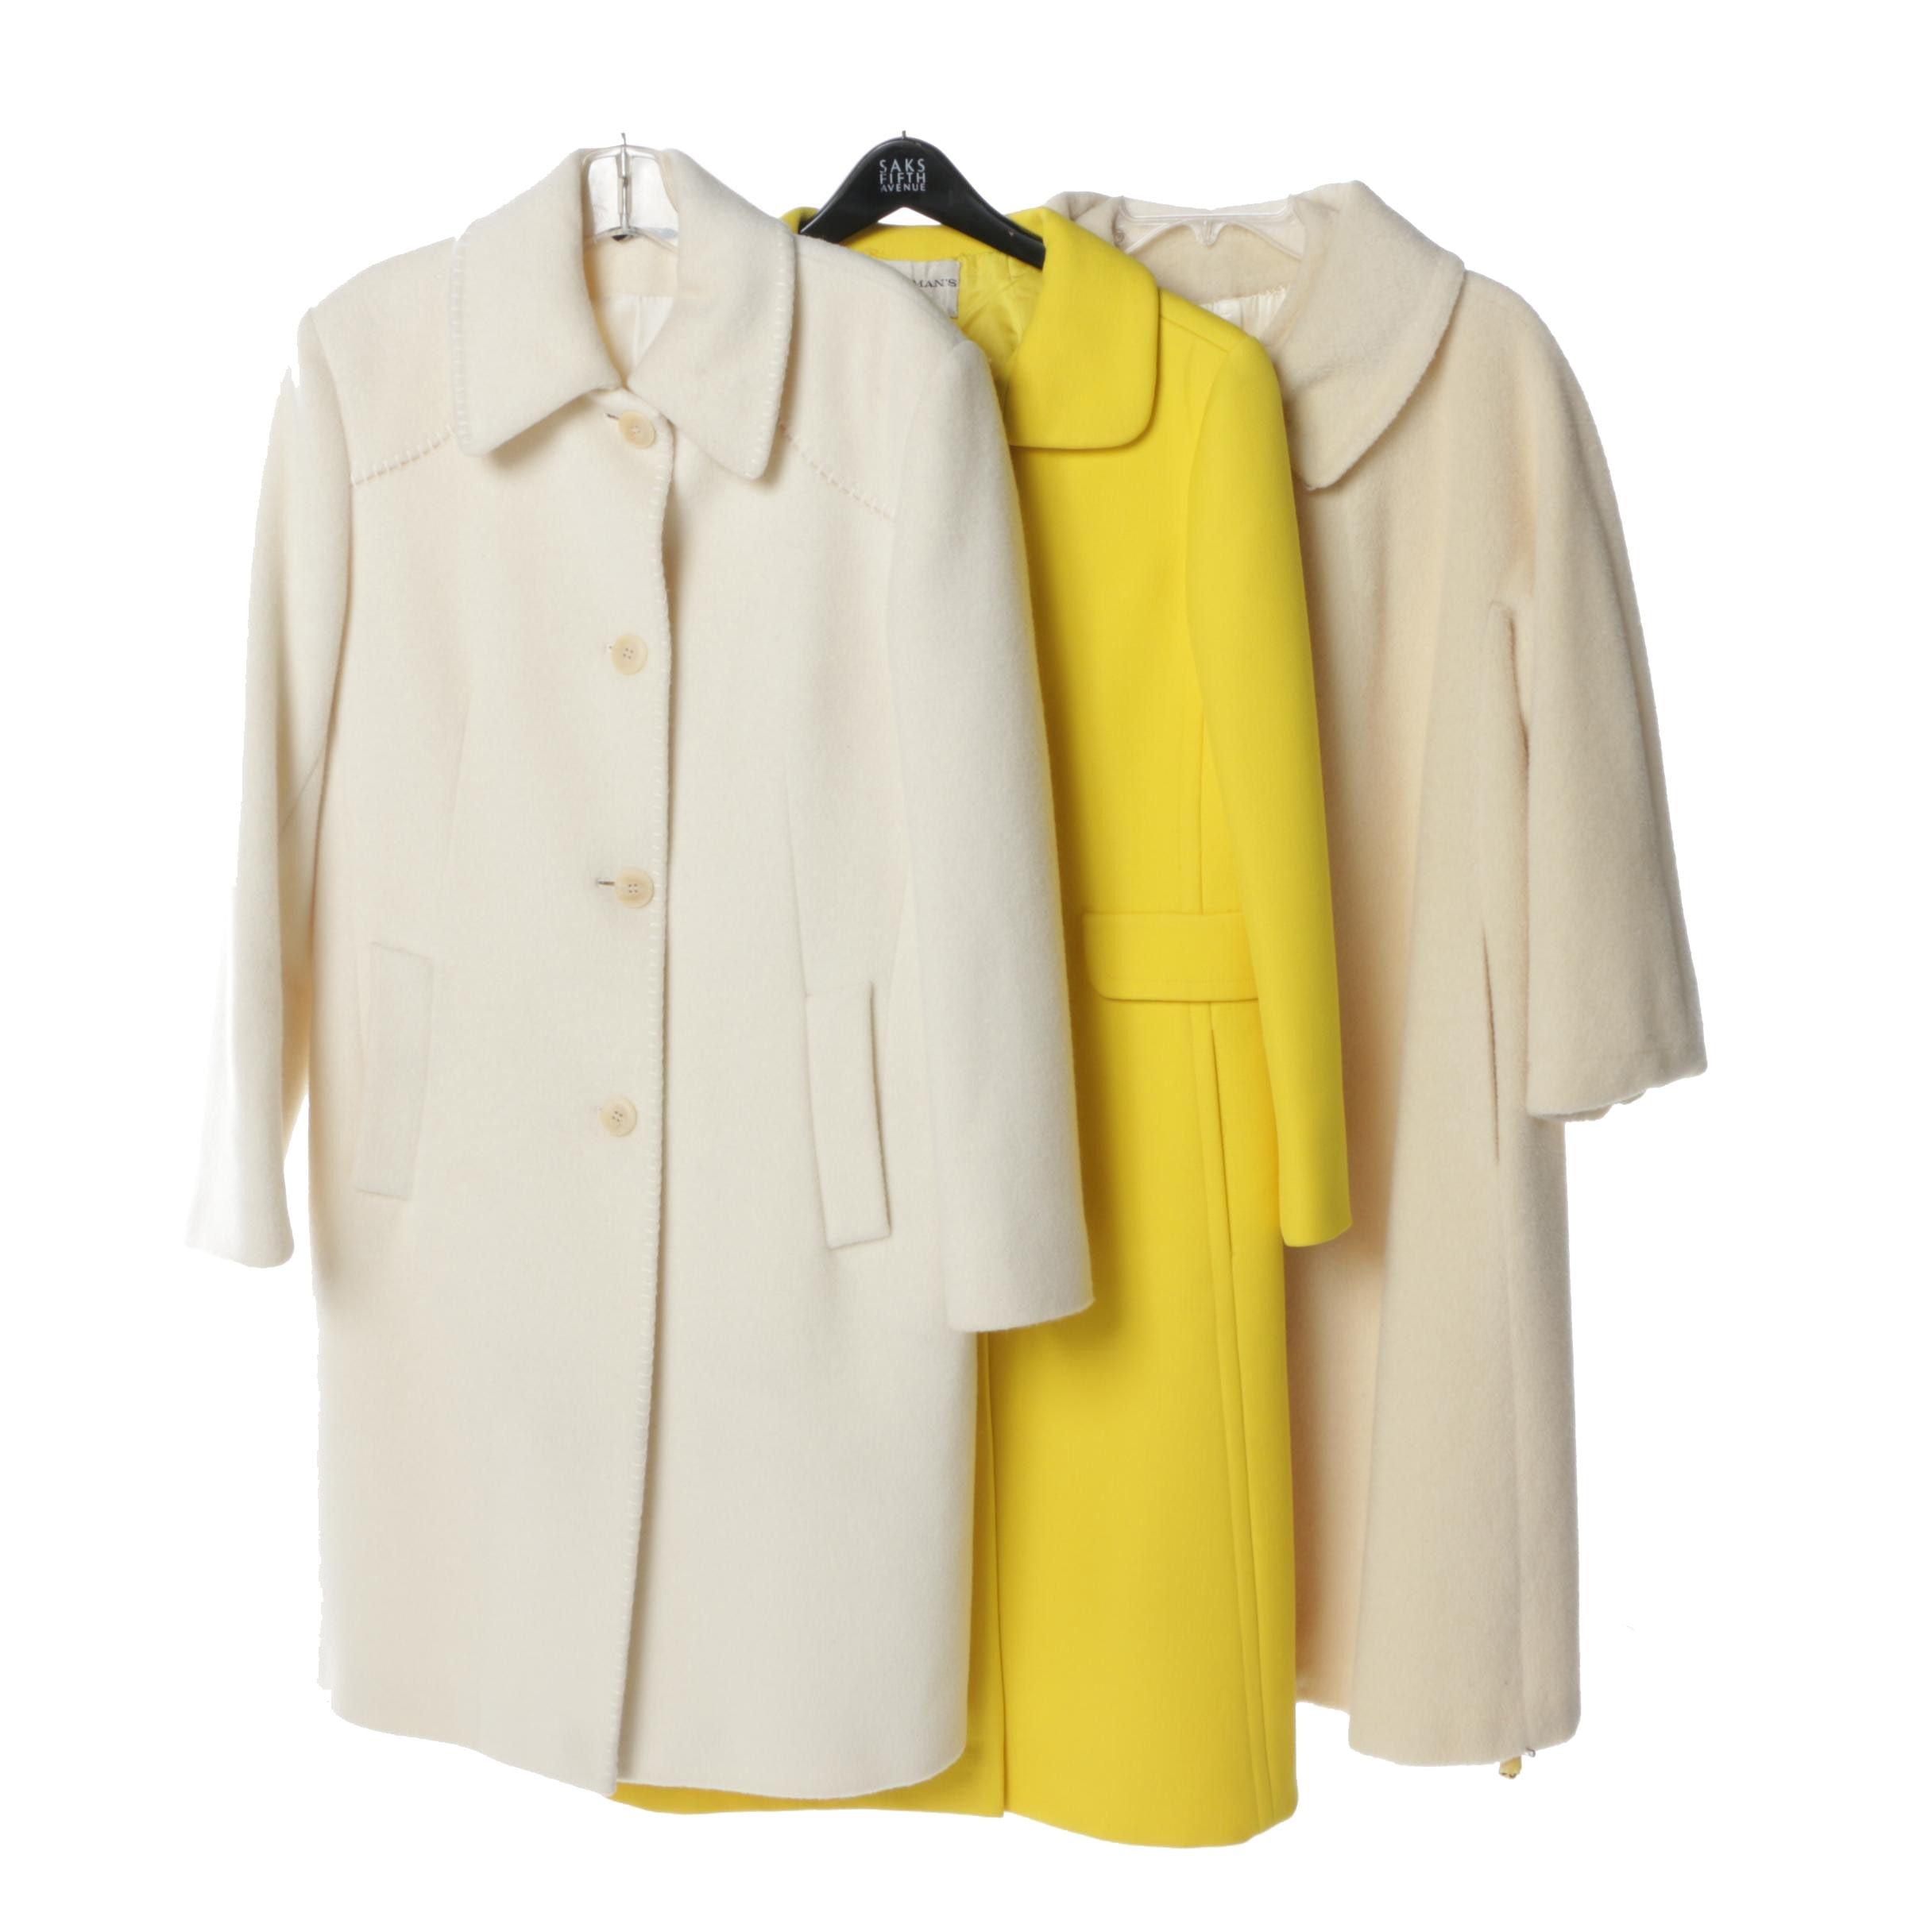 Women's Vintage Cashmere Coats Including Cinzia Rocca